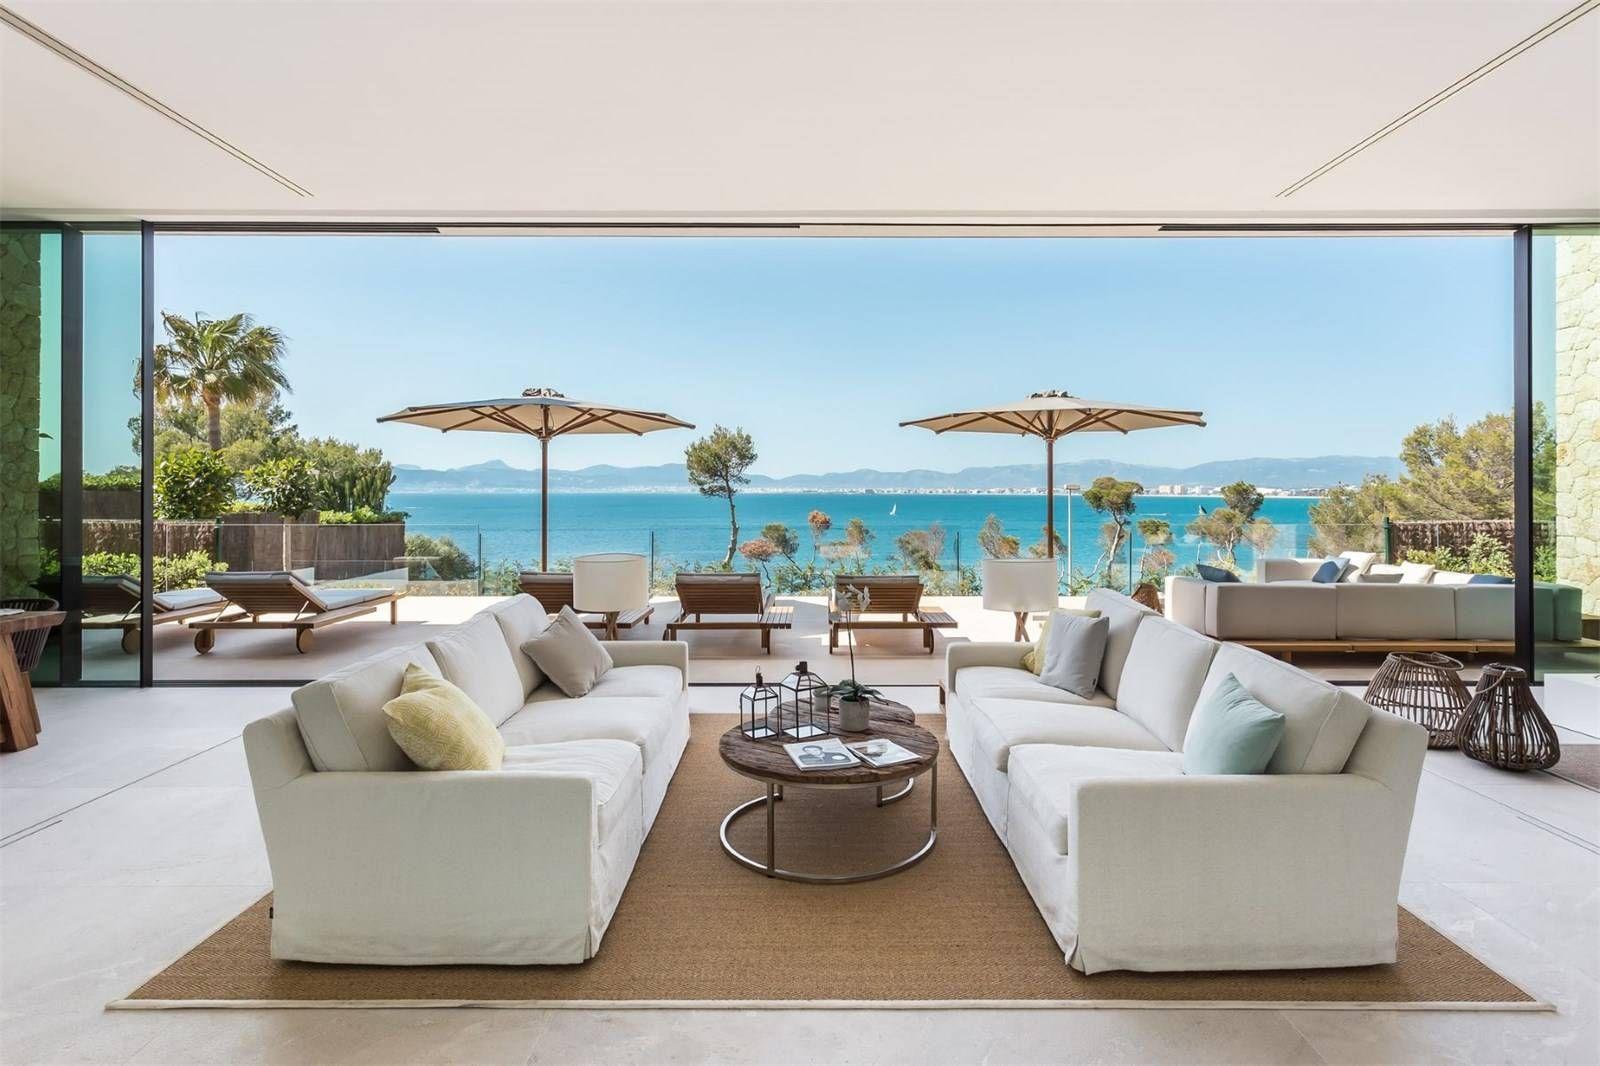 Llucmajor Mallorca Spain Luxury Home For Sale Interior